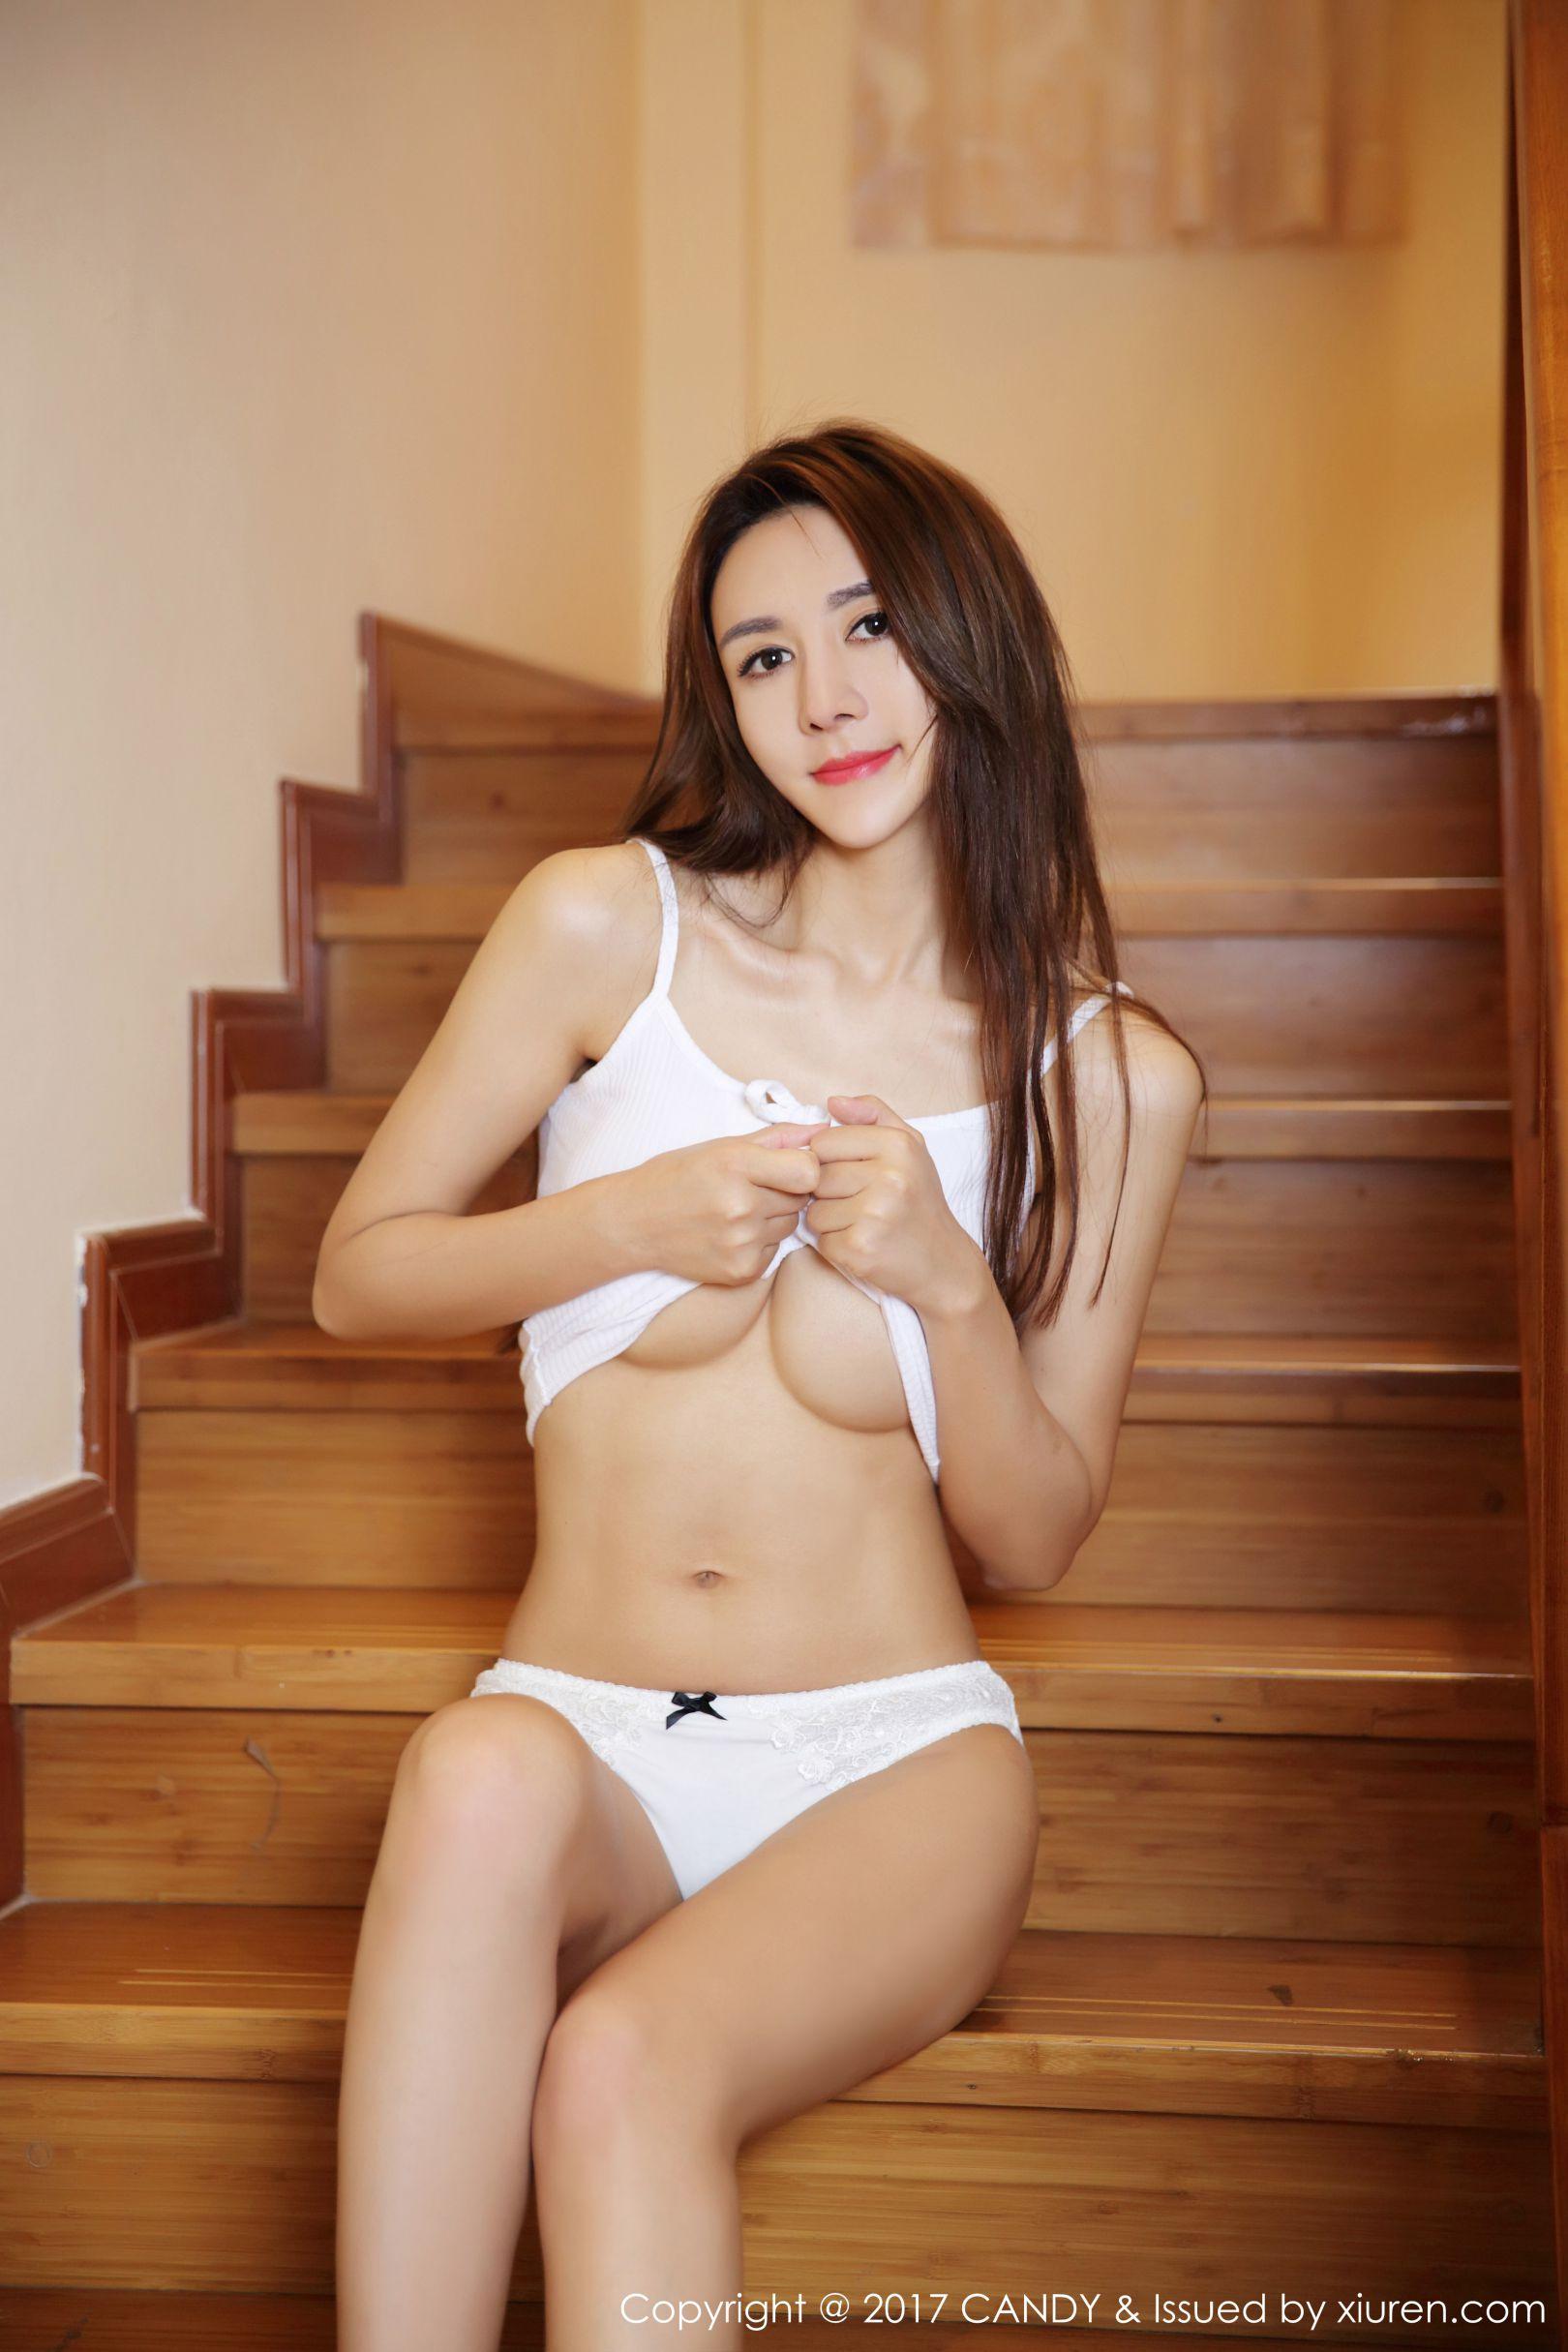 中国乌克兰混血模特@伊莉娜 写真套图